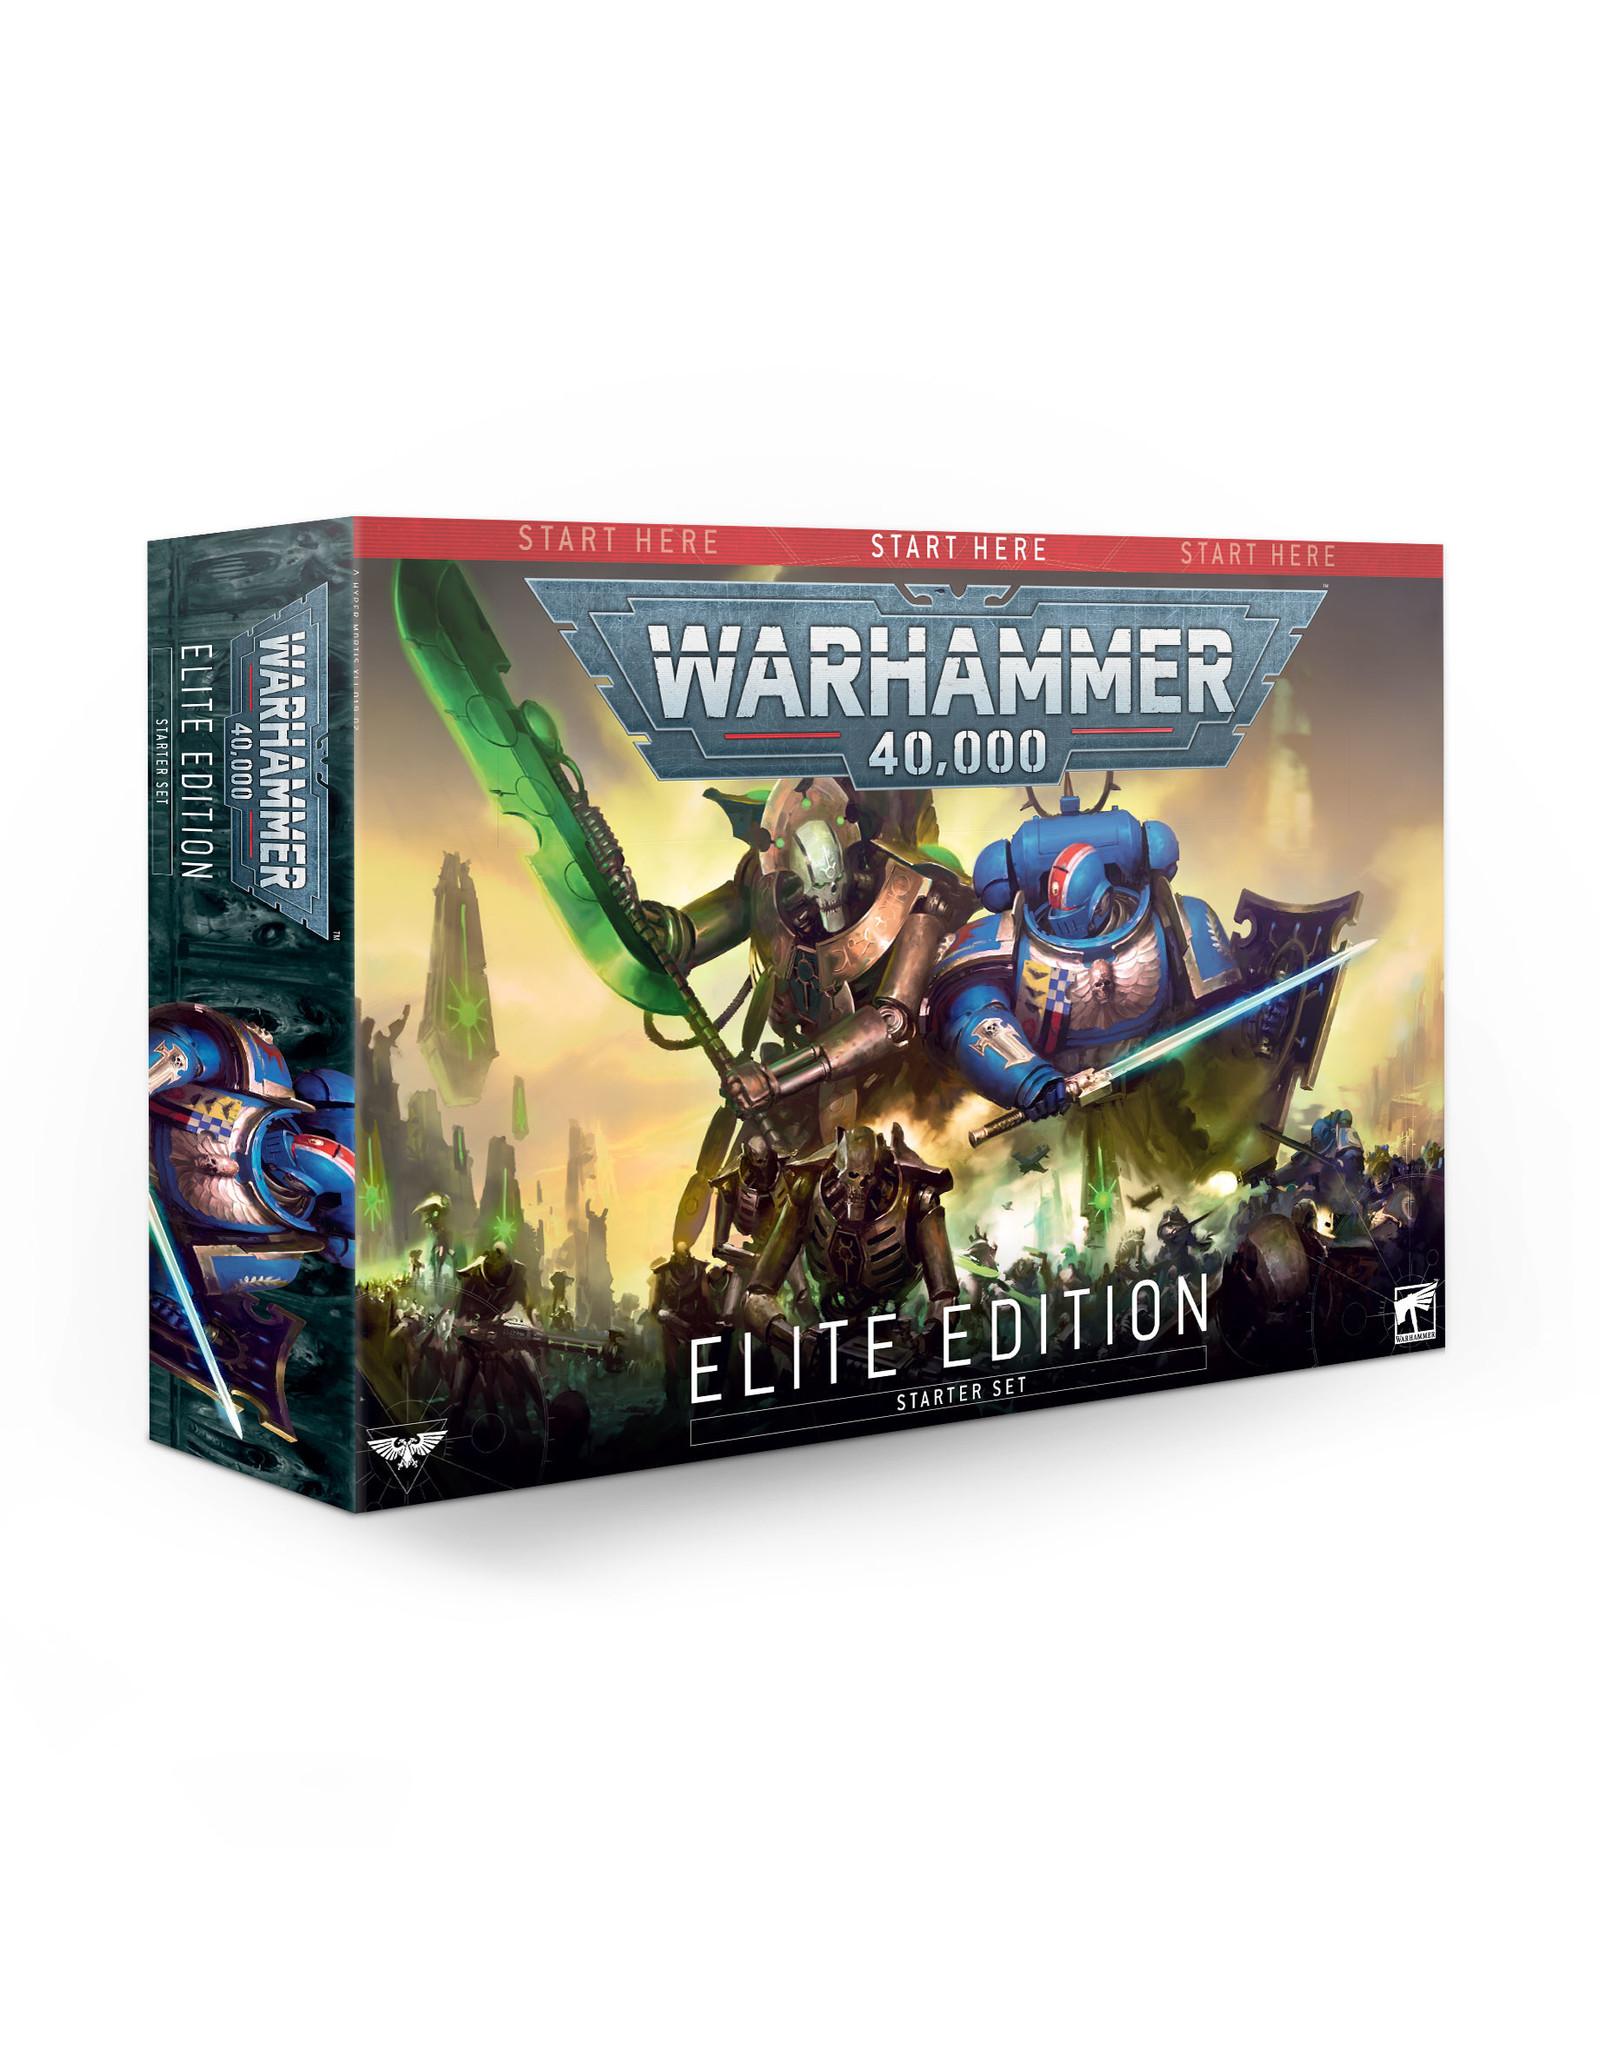 Warhammer 40K Warhammer 40,000: Elite Edition